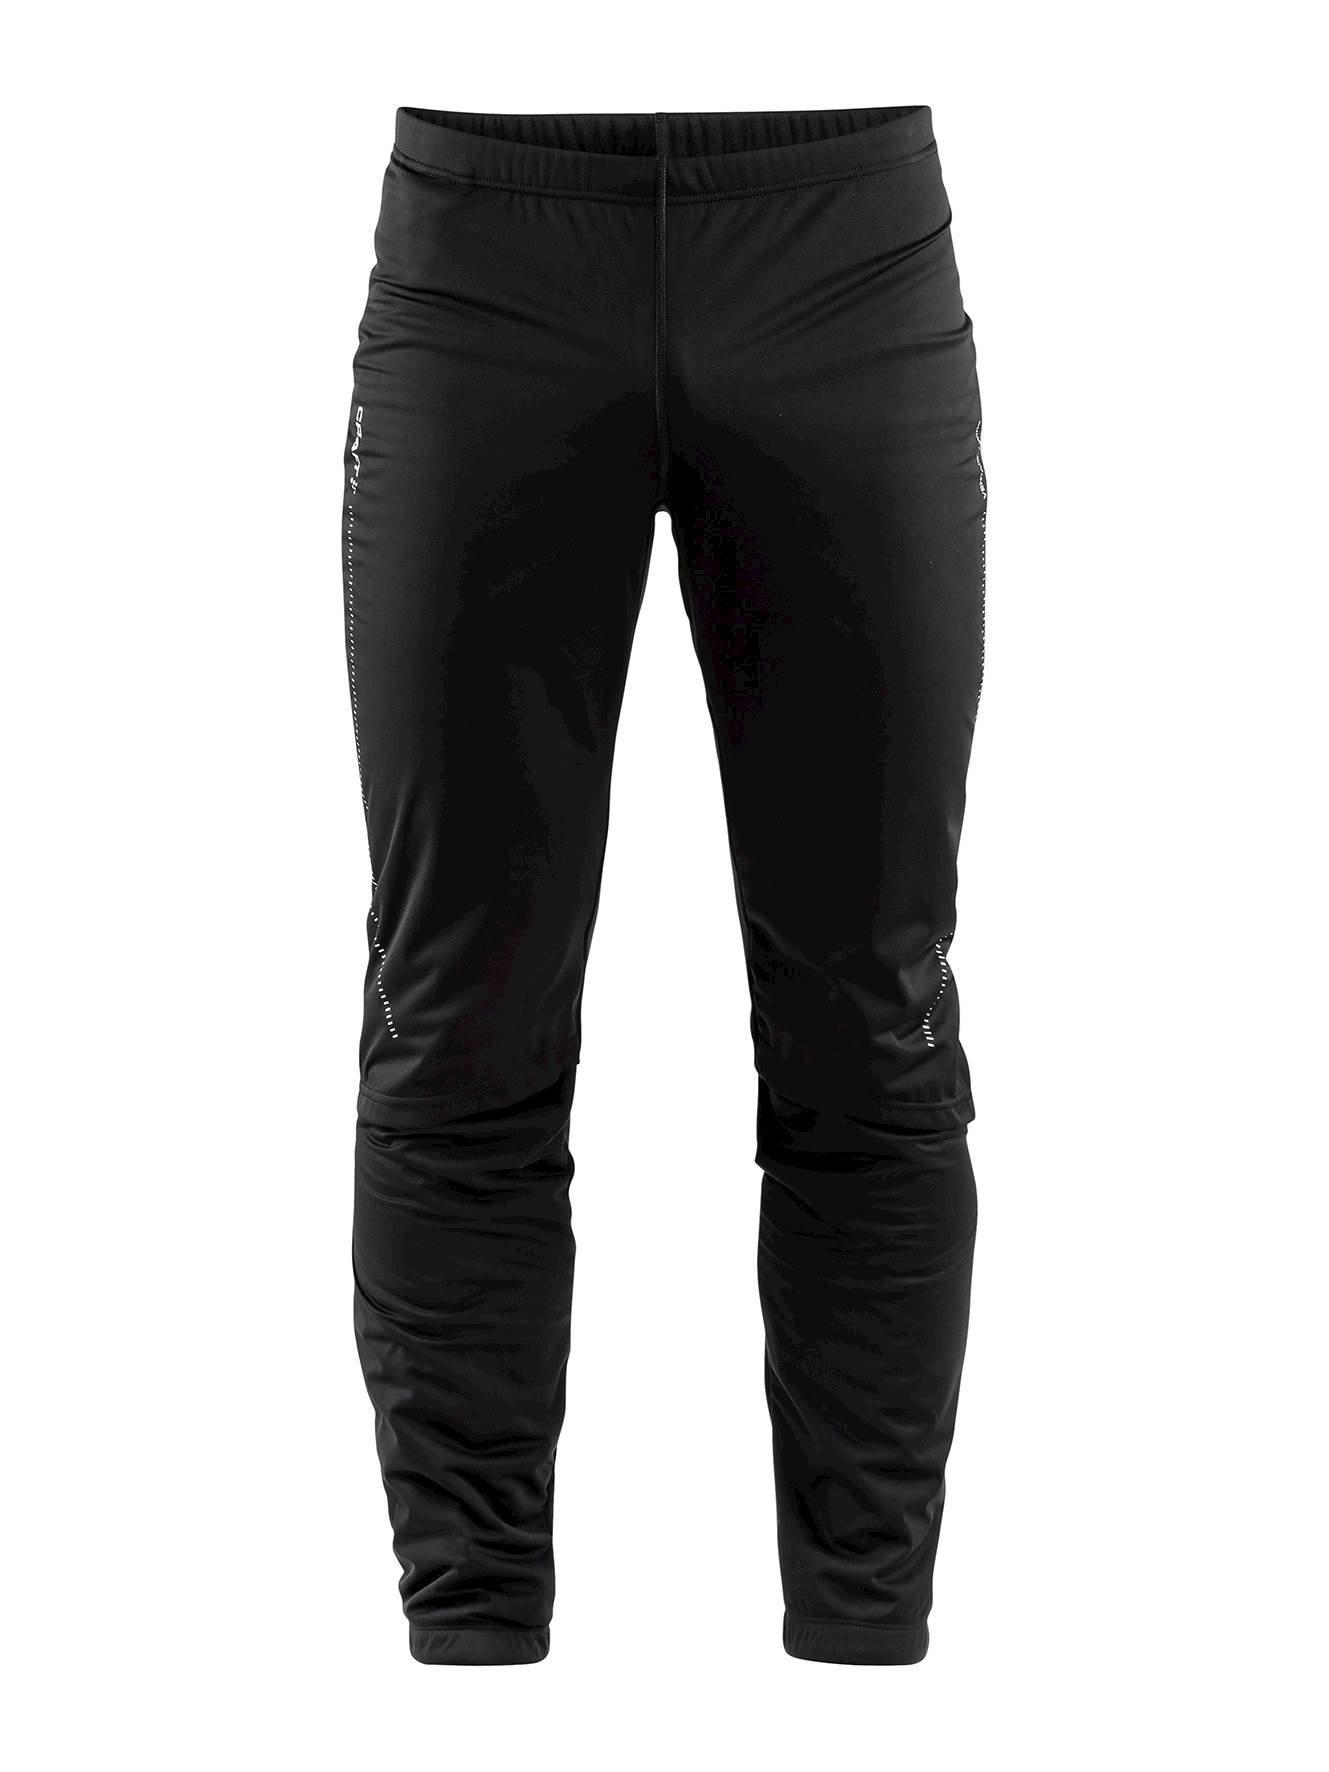 Craft Kalhoty Storm 2.0 černá S